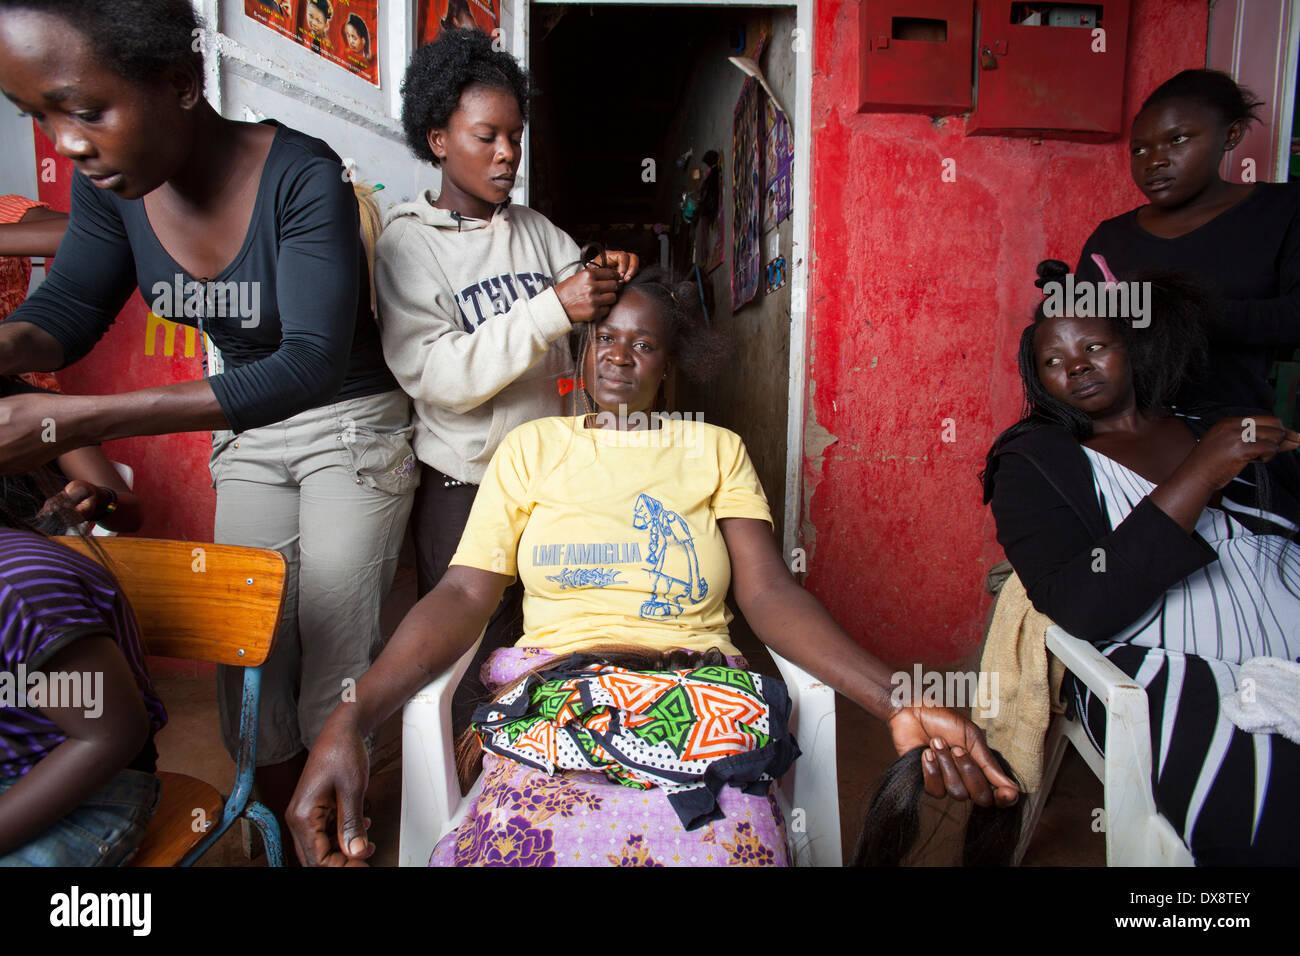 Woman having hair braided at a hair salon, Kisumu region, Kenya - Stock Image